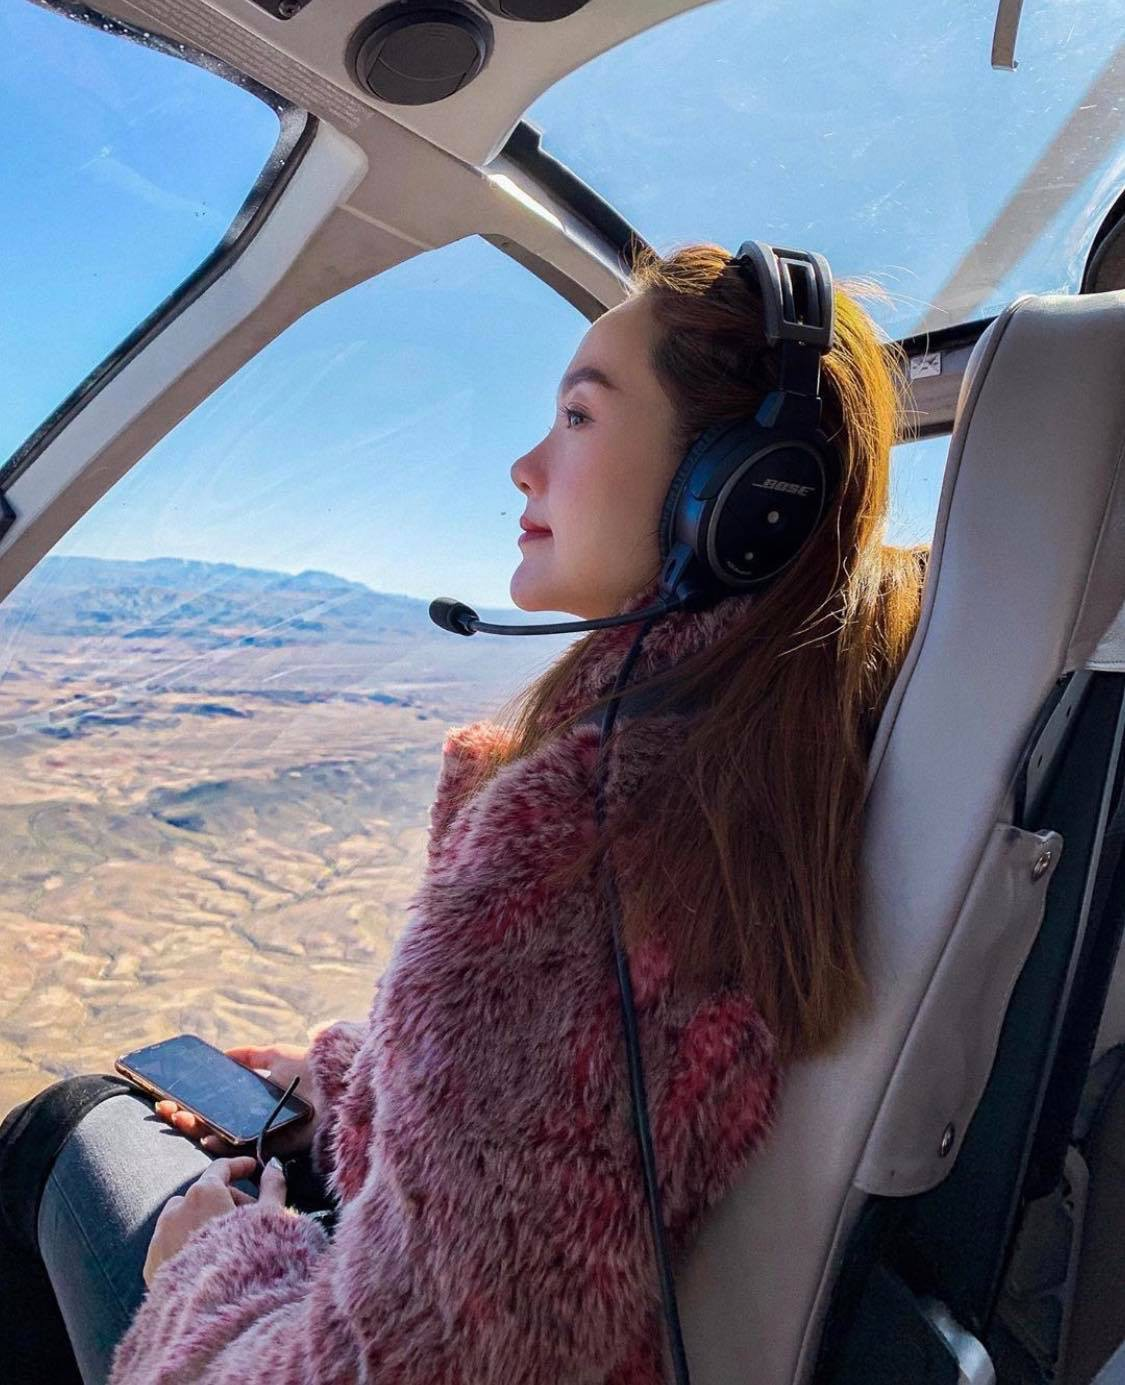 Mỹ nhân Vbiz vi vu Tết Kỷ Hợi: Minh Hằng khá phá Las Vegas bằng trực thăng, Đông Nhi tránh nóng ở Nhật - Ảnh 1.